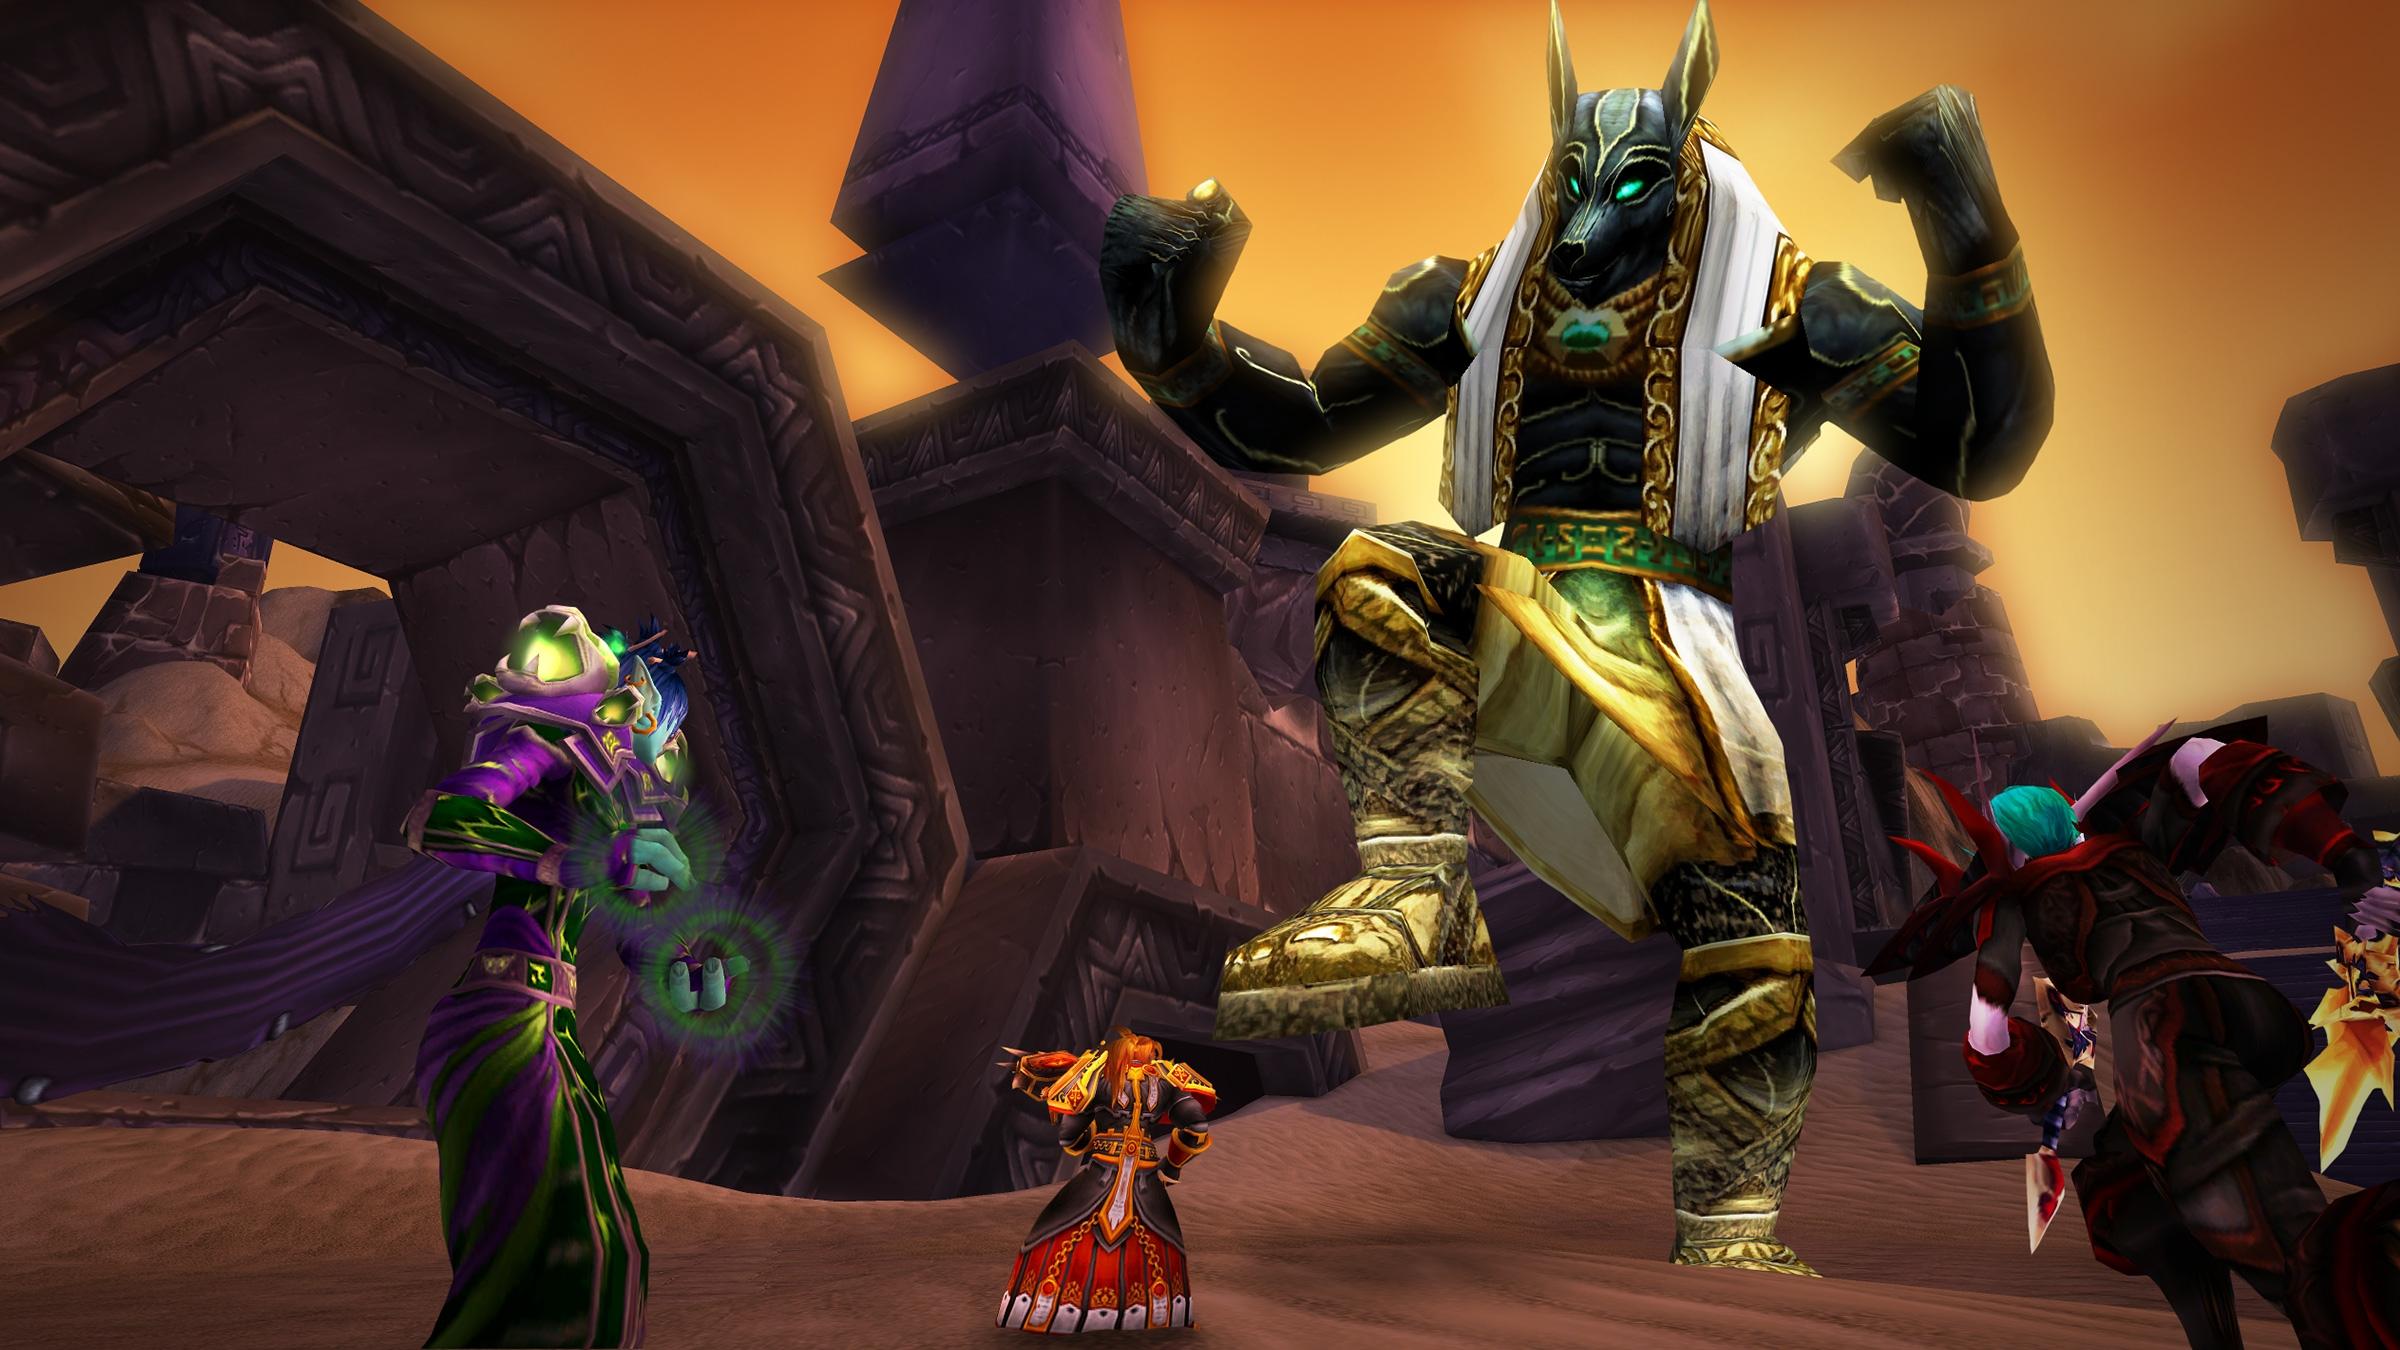 В World of Warcraft началось празднование Зова Скарабея 2019